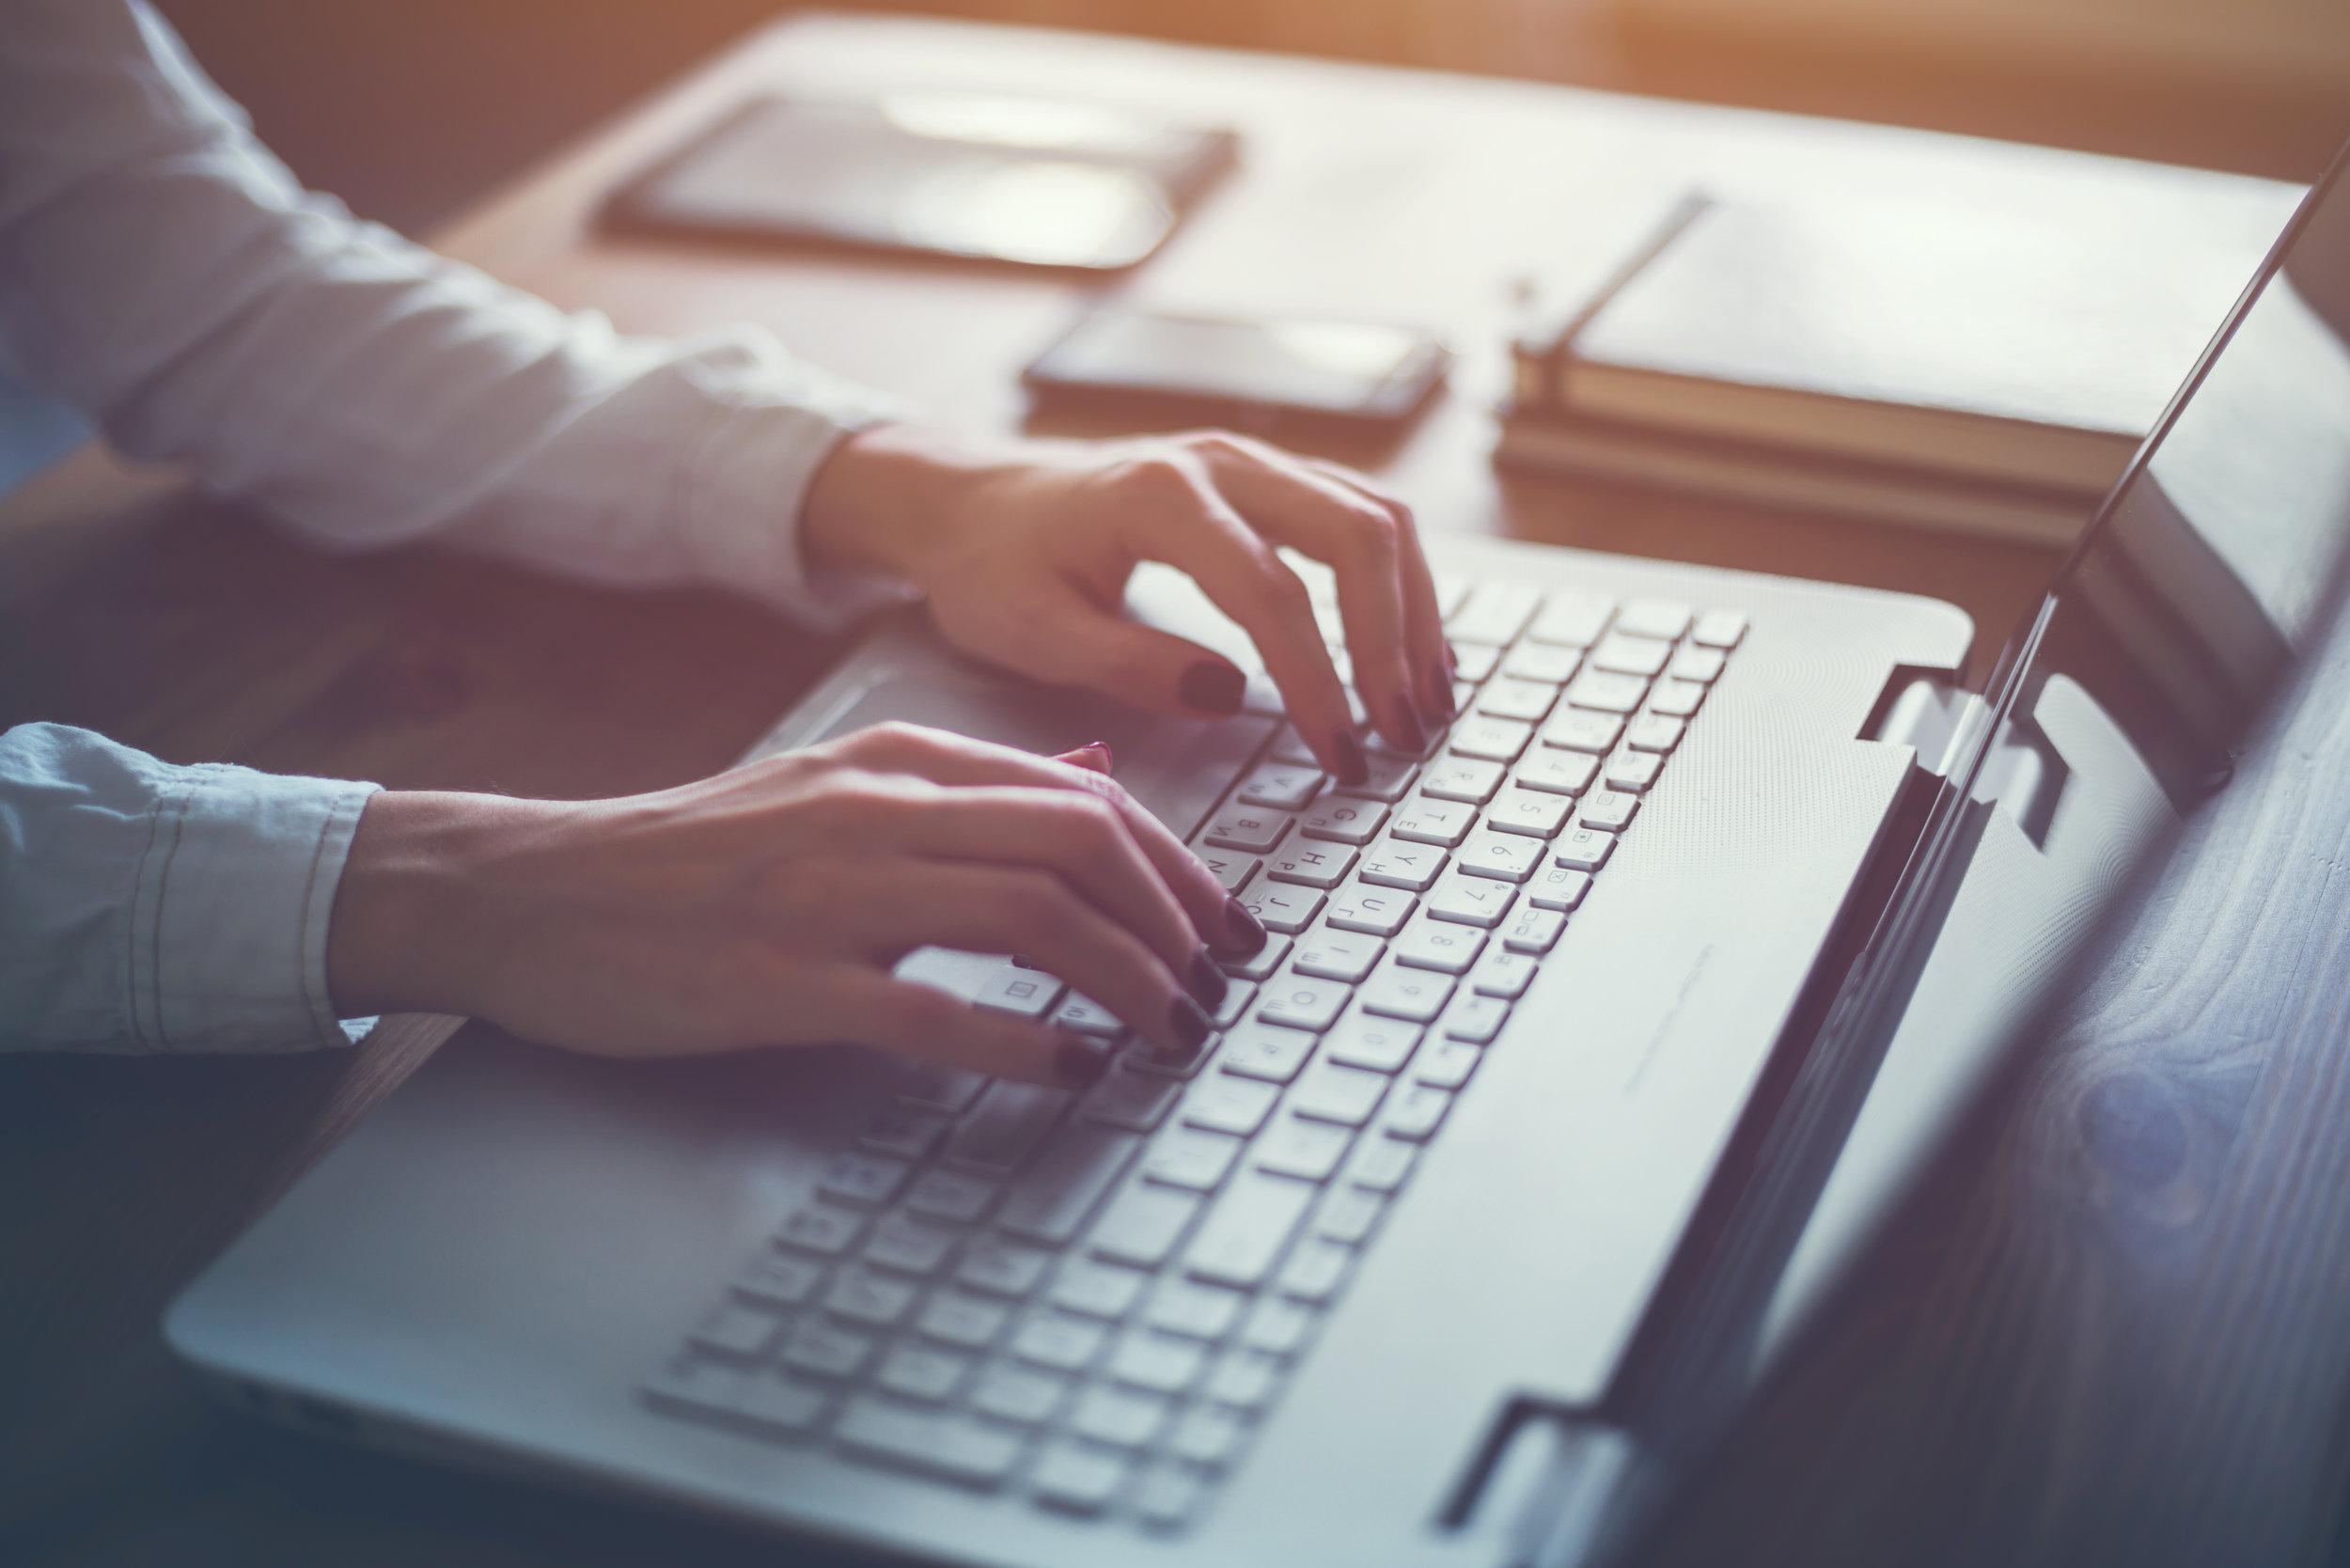 $57.5 Million in Savings in Desktop Support